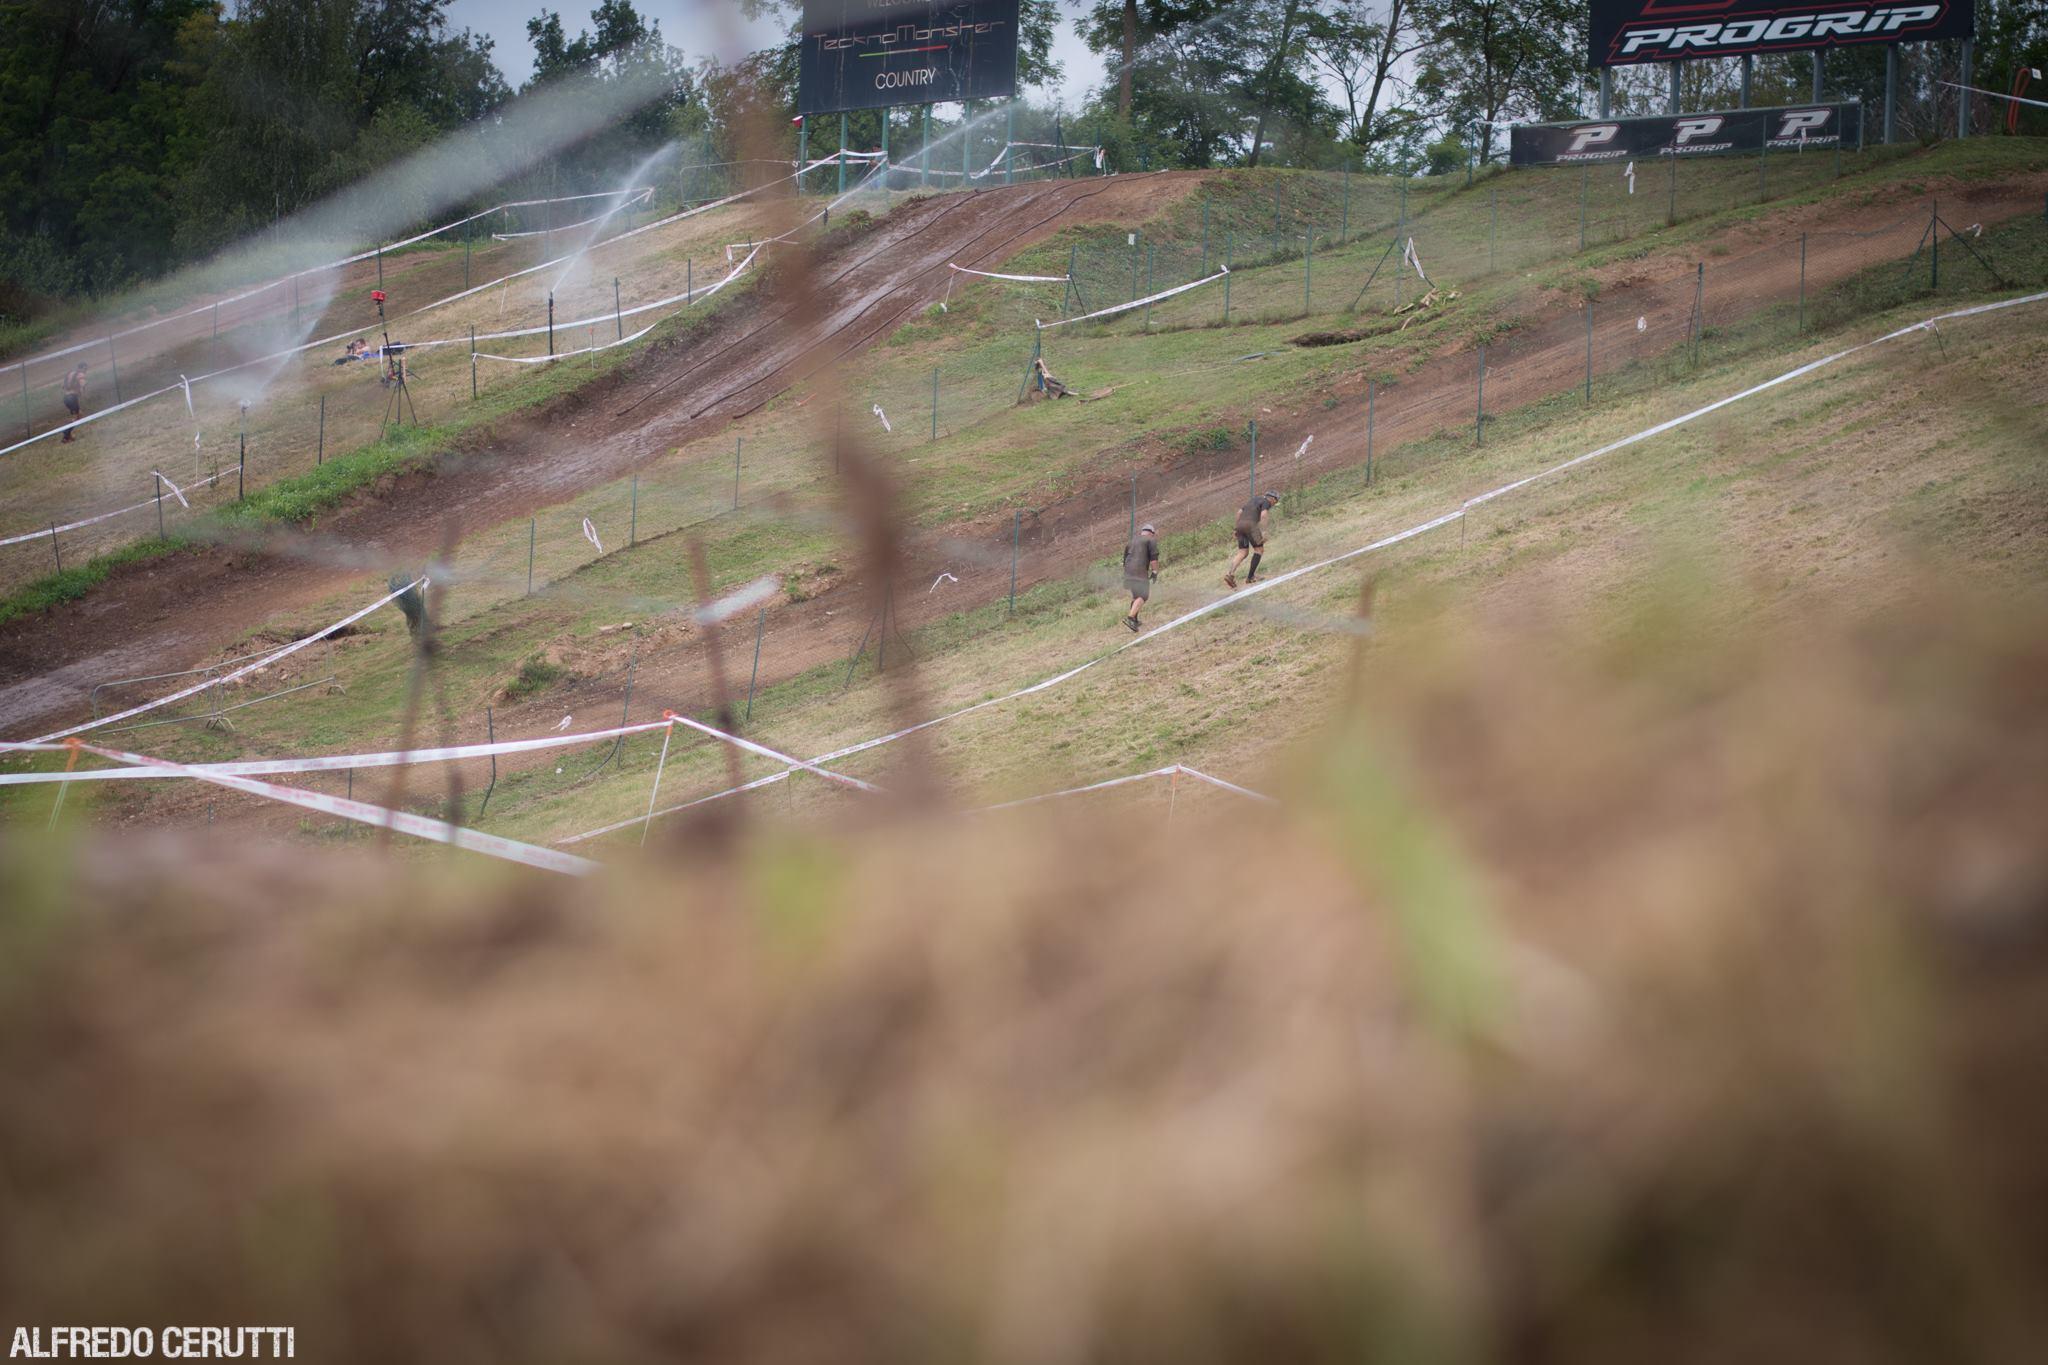 Crossodromo Ciglione, Cardano al Campo (MI): photo by ALFREDO CERUTTI